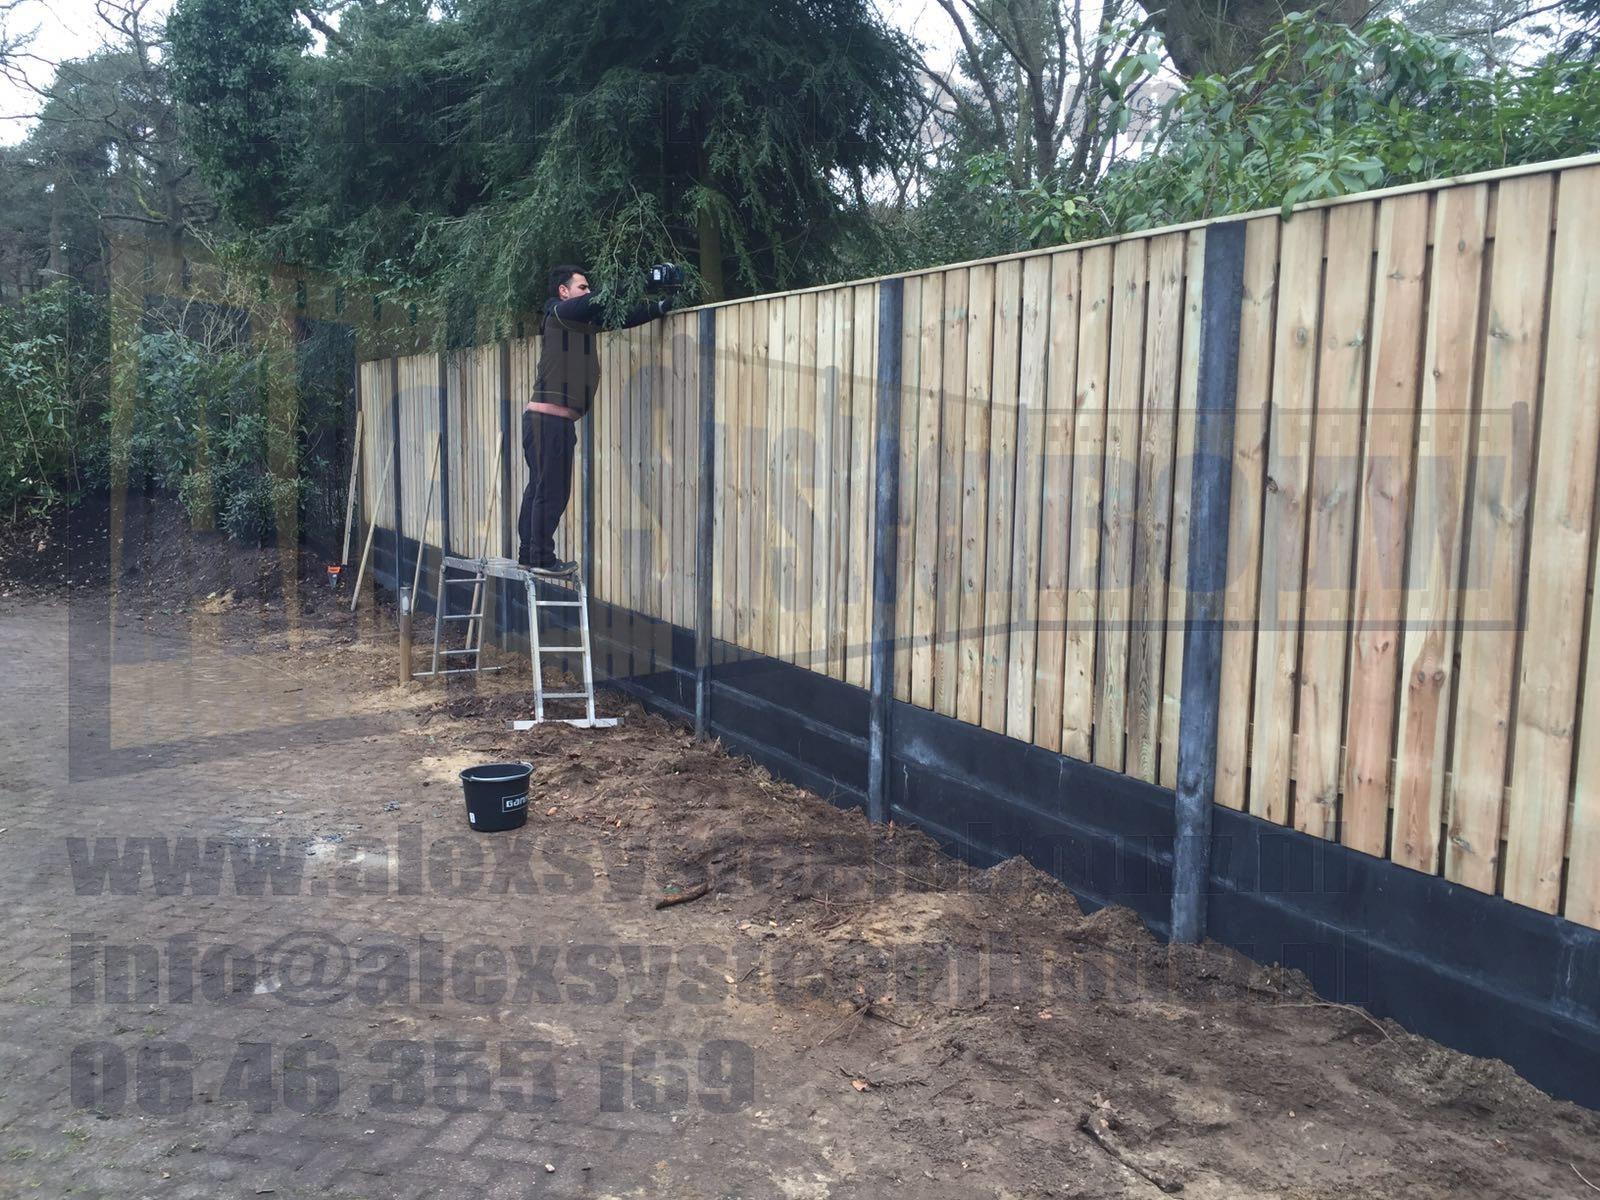 schutting-23-planks-hout-beton-extra-hoog-dubbele-onderplaat